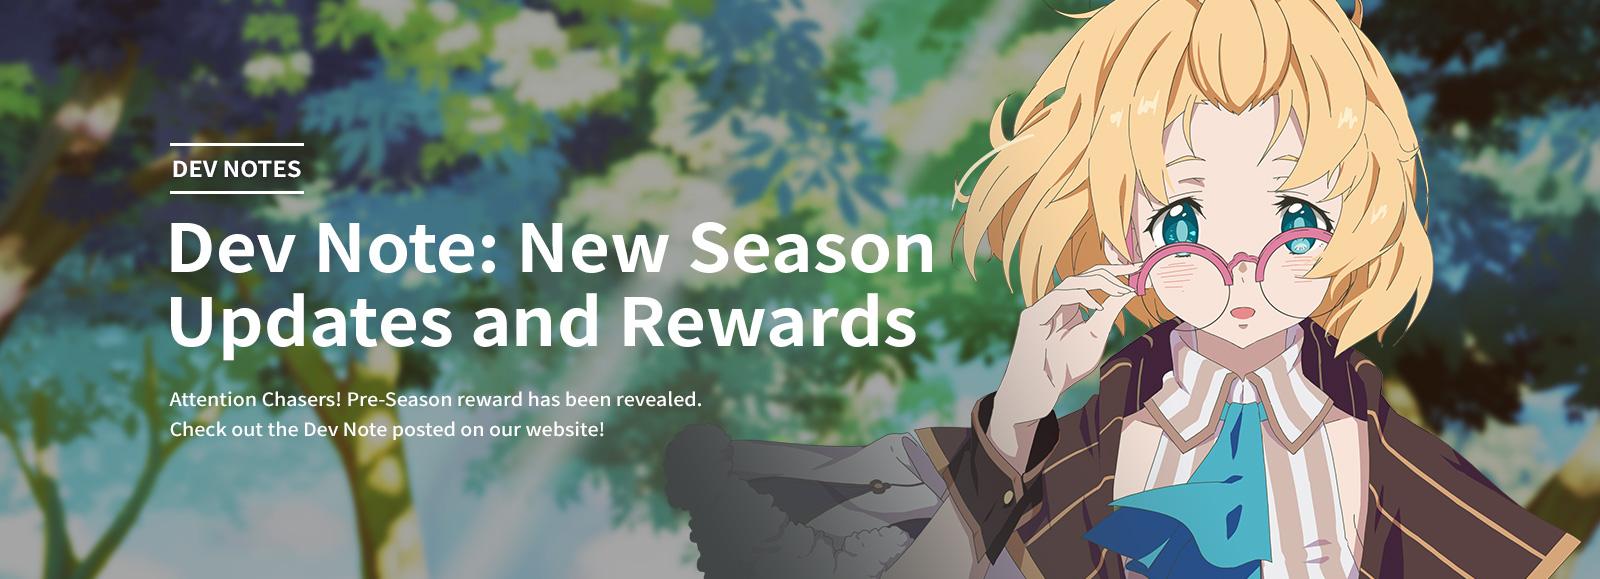 Dev Note: New Season Updates and Rewards